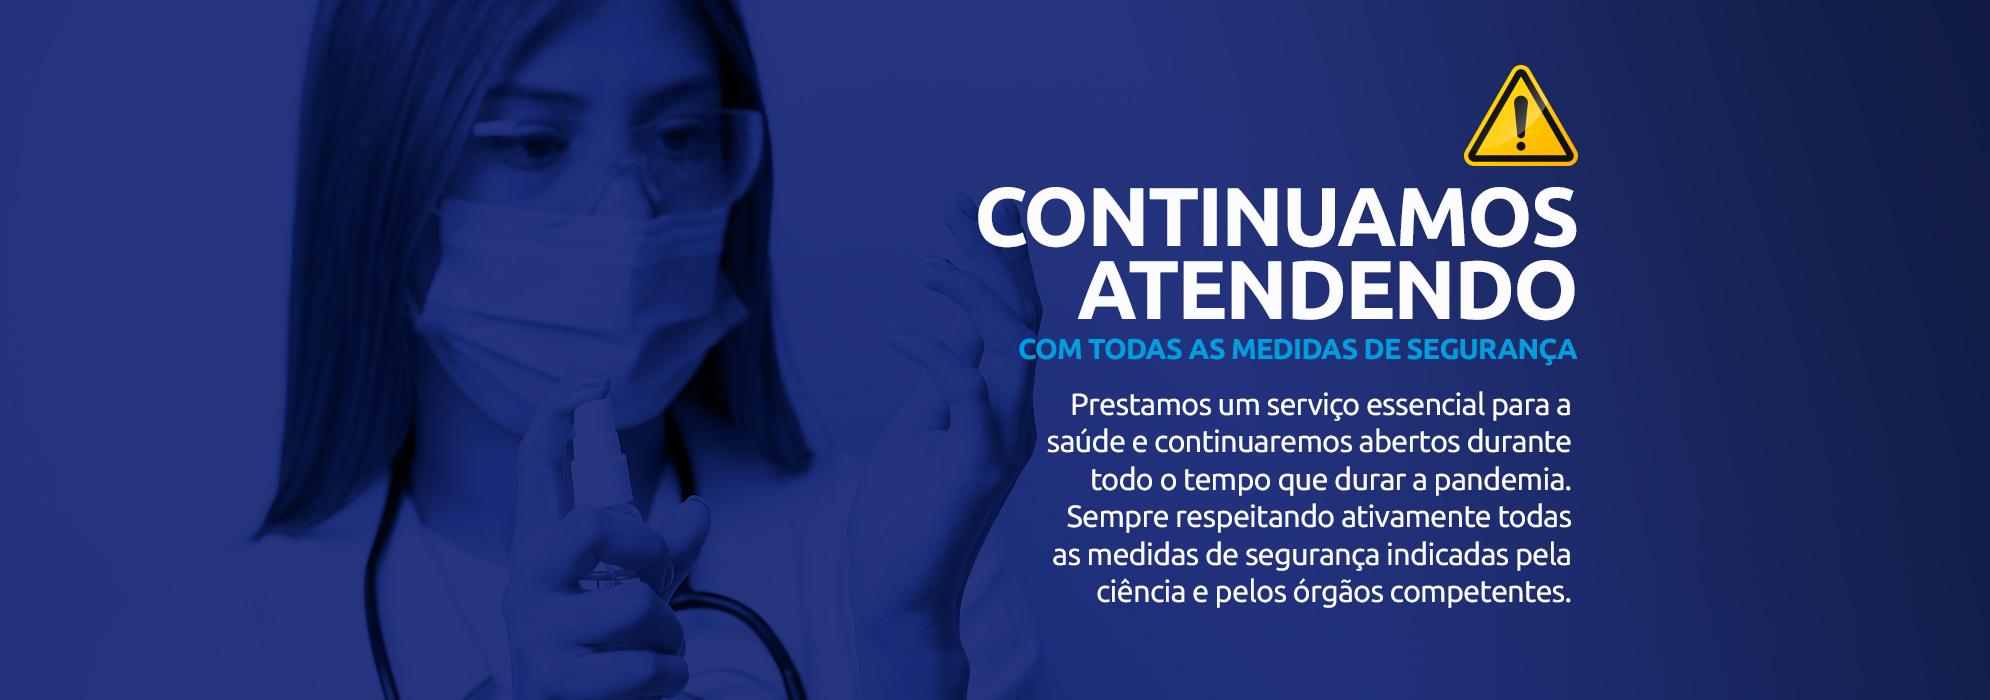 corona-virus-atendimento-clinica-ceu-bh